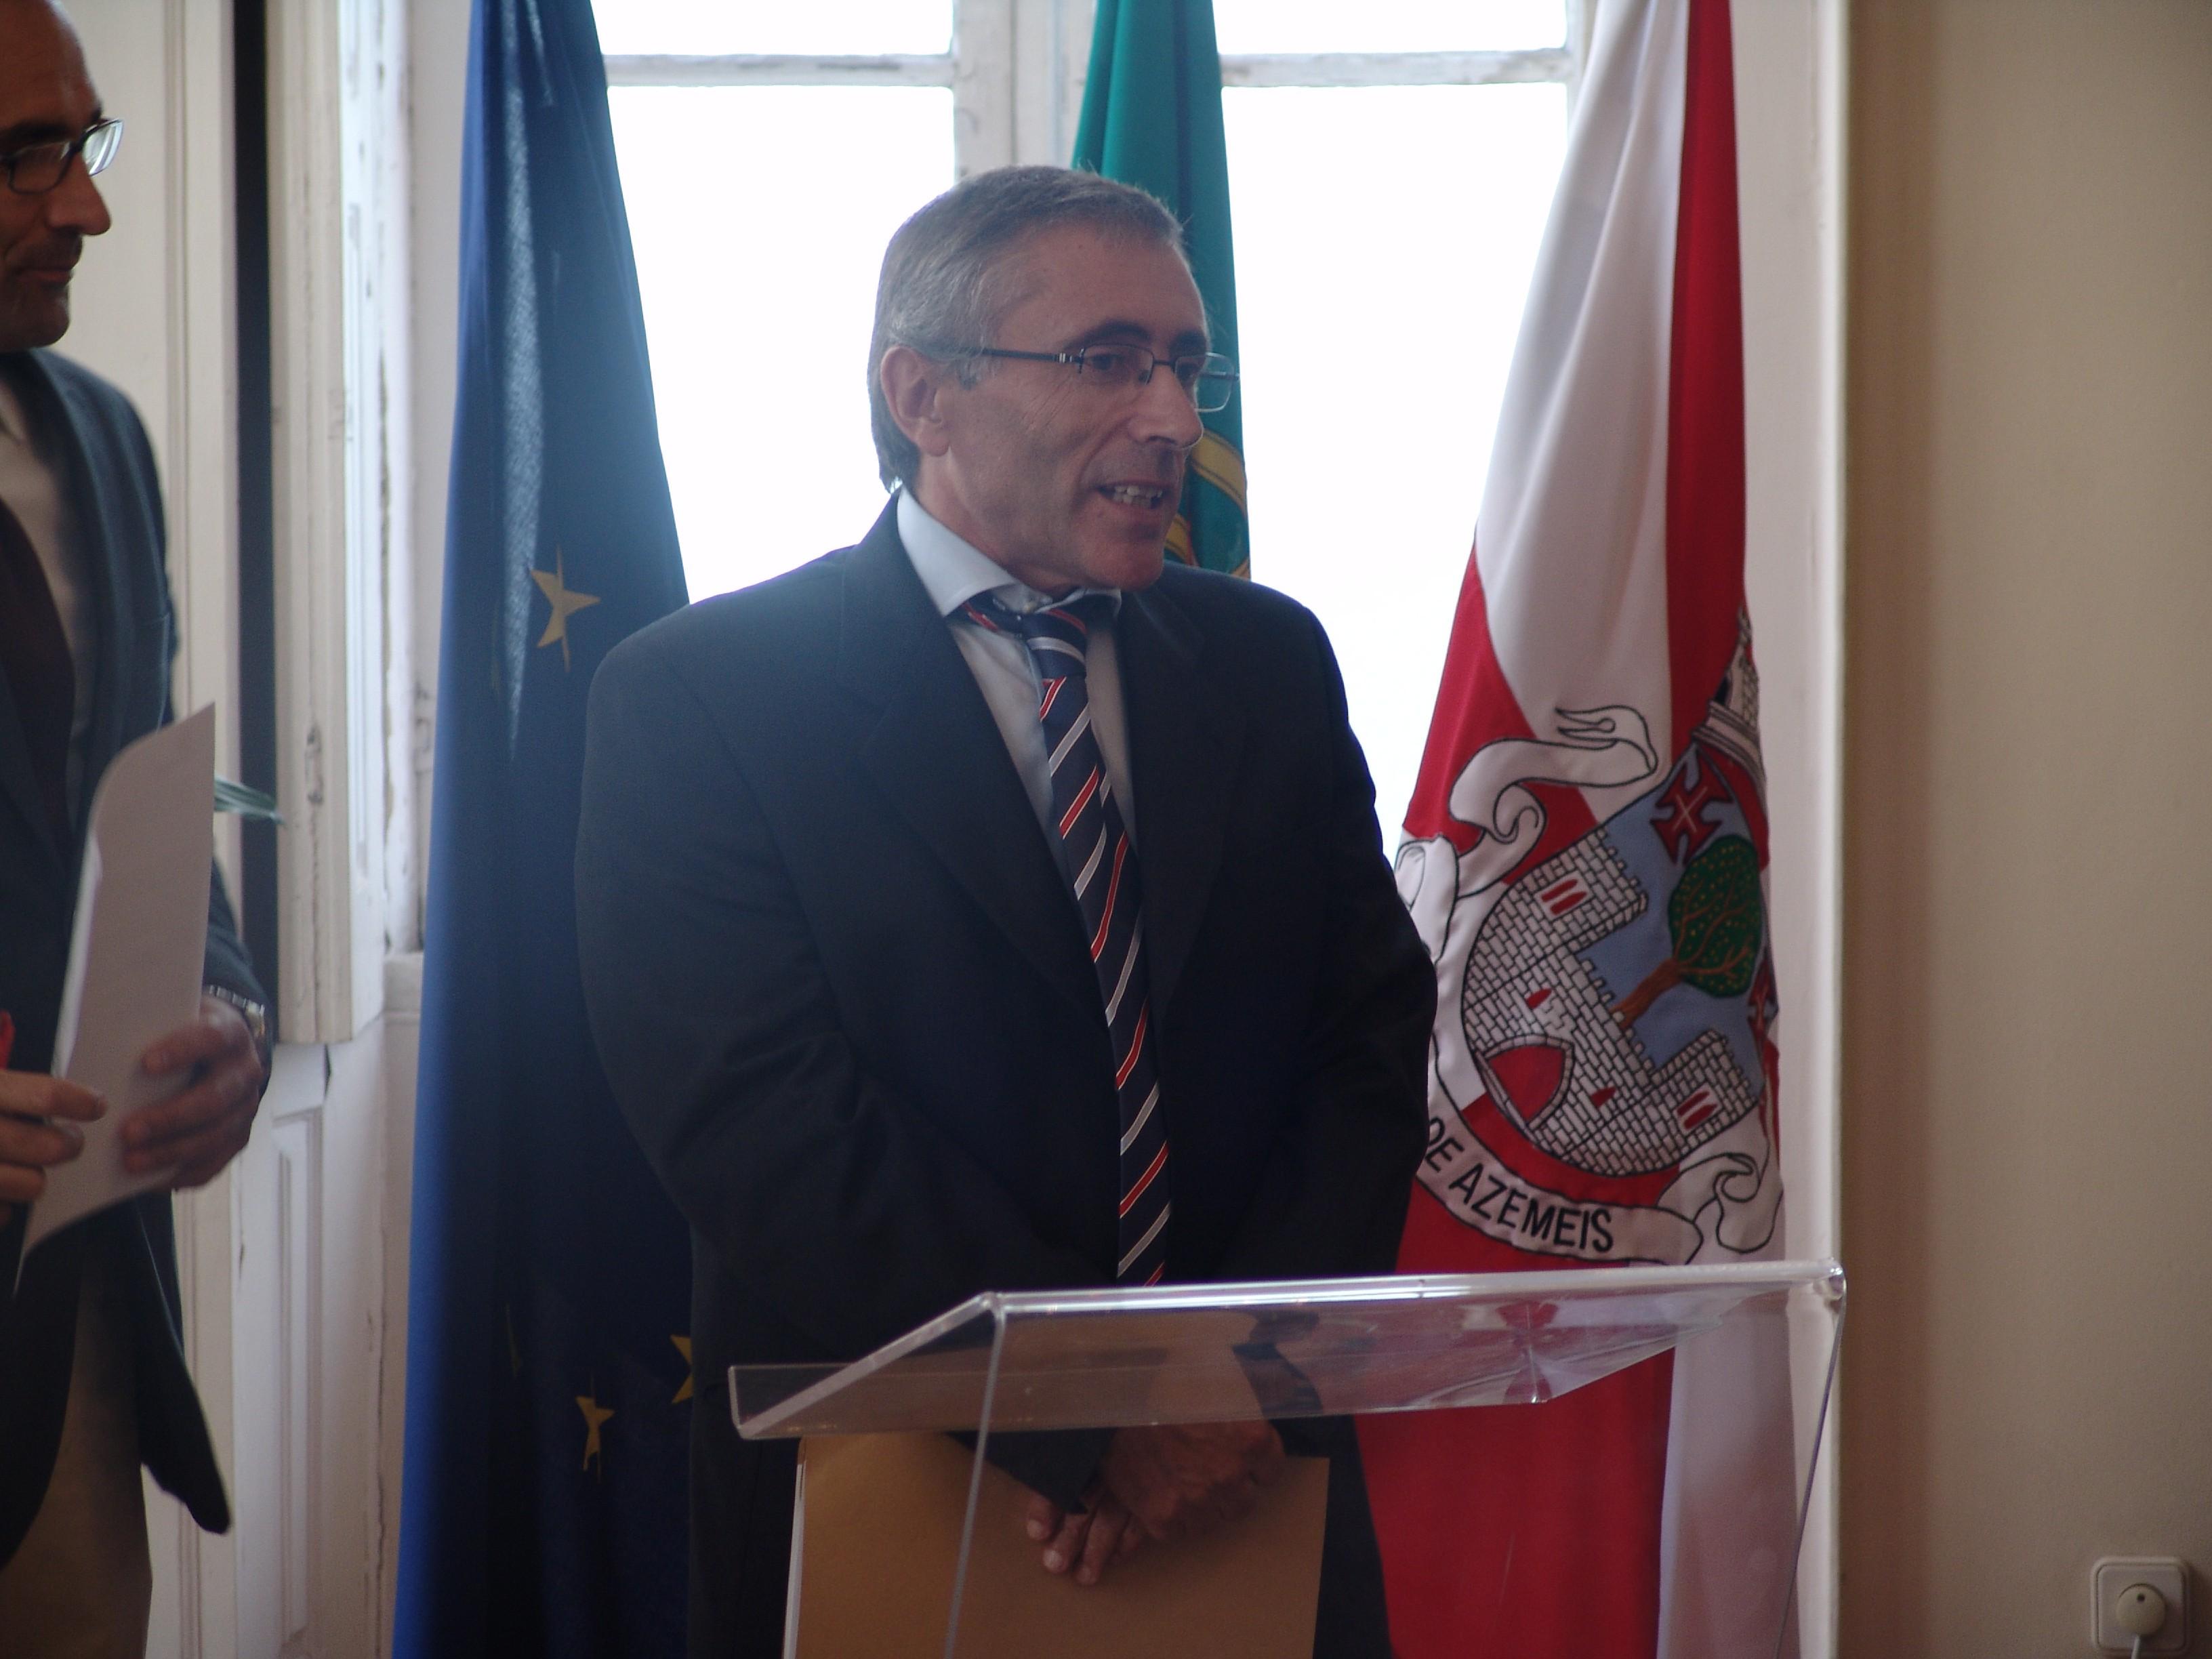 José Lousada, coordenador do estudo da universidade de Trás-os-Montes e Alto Douro